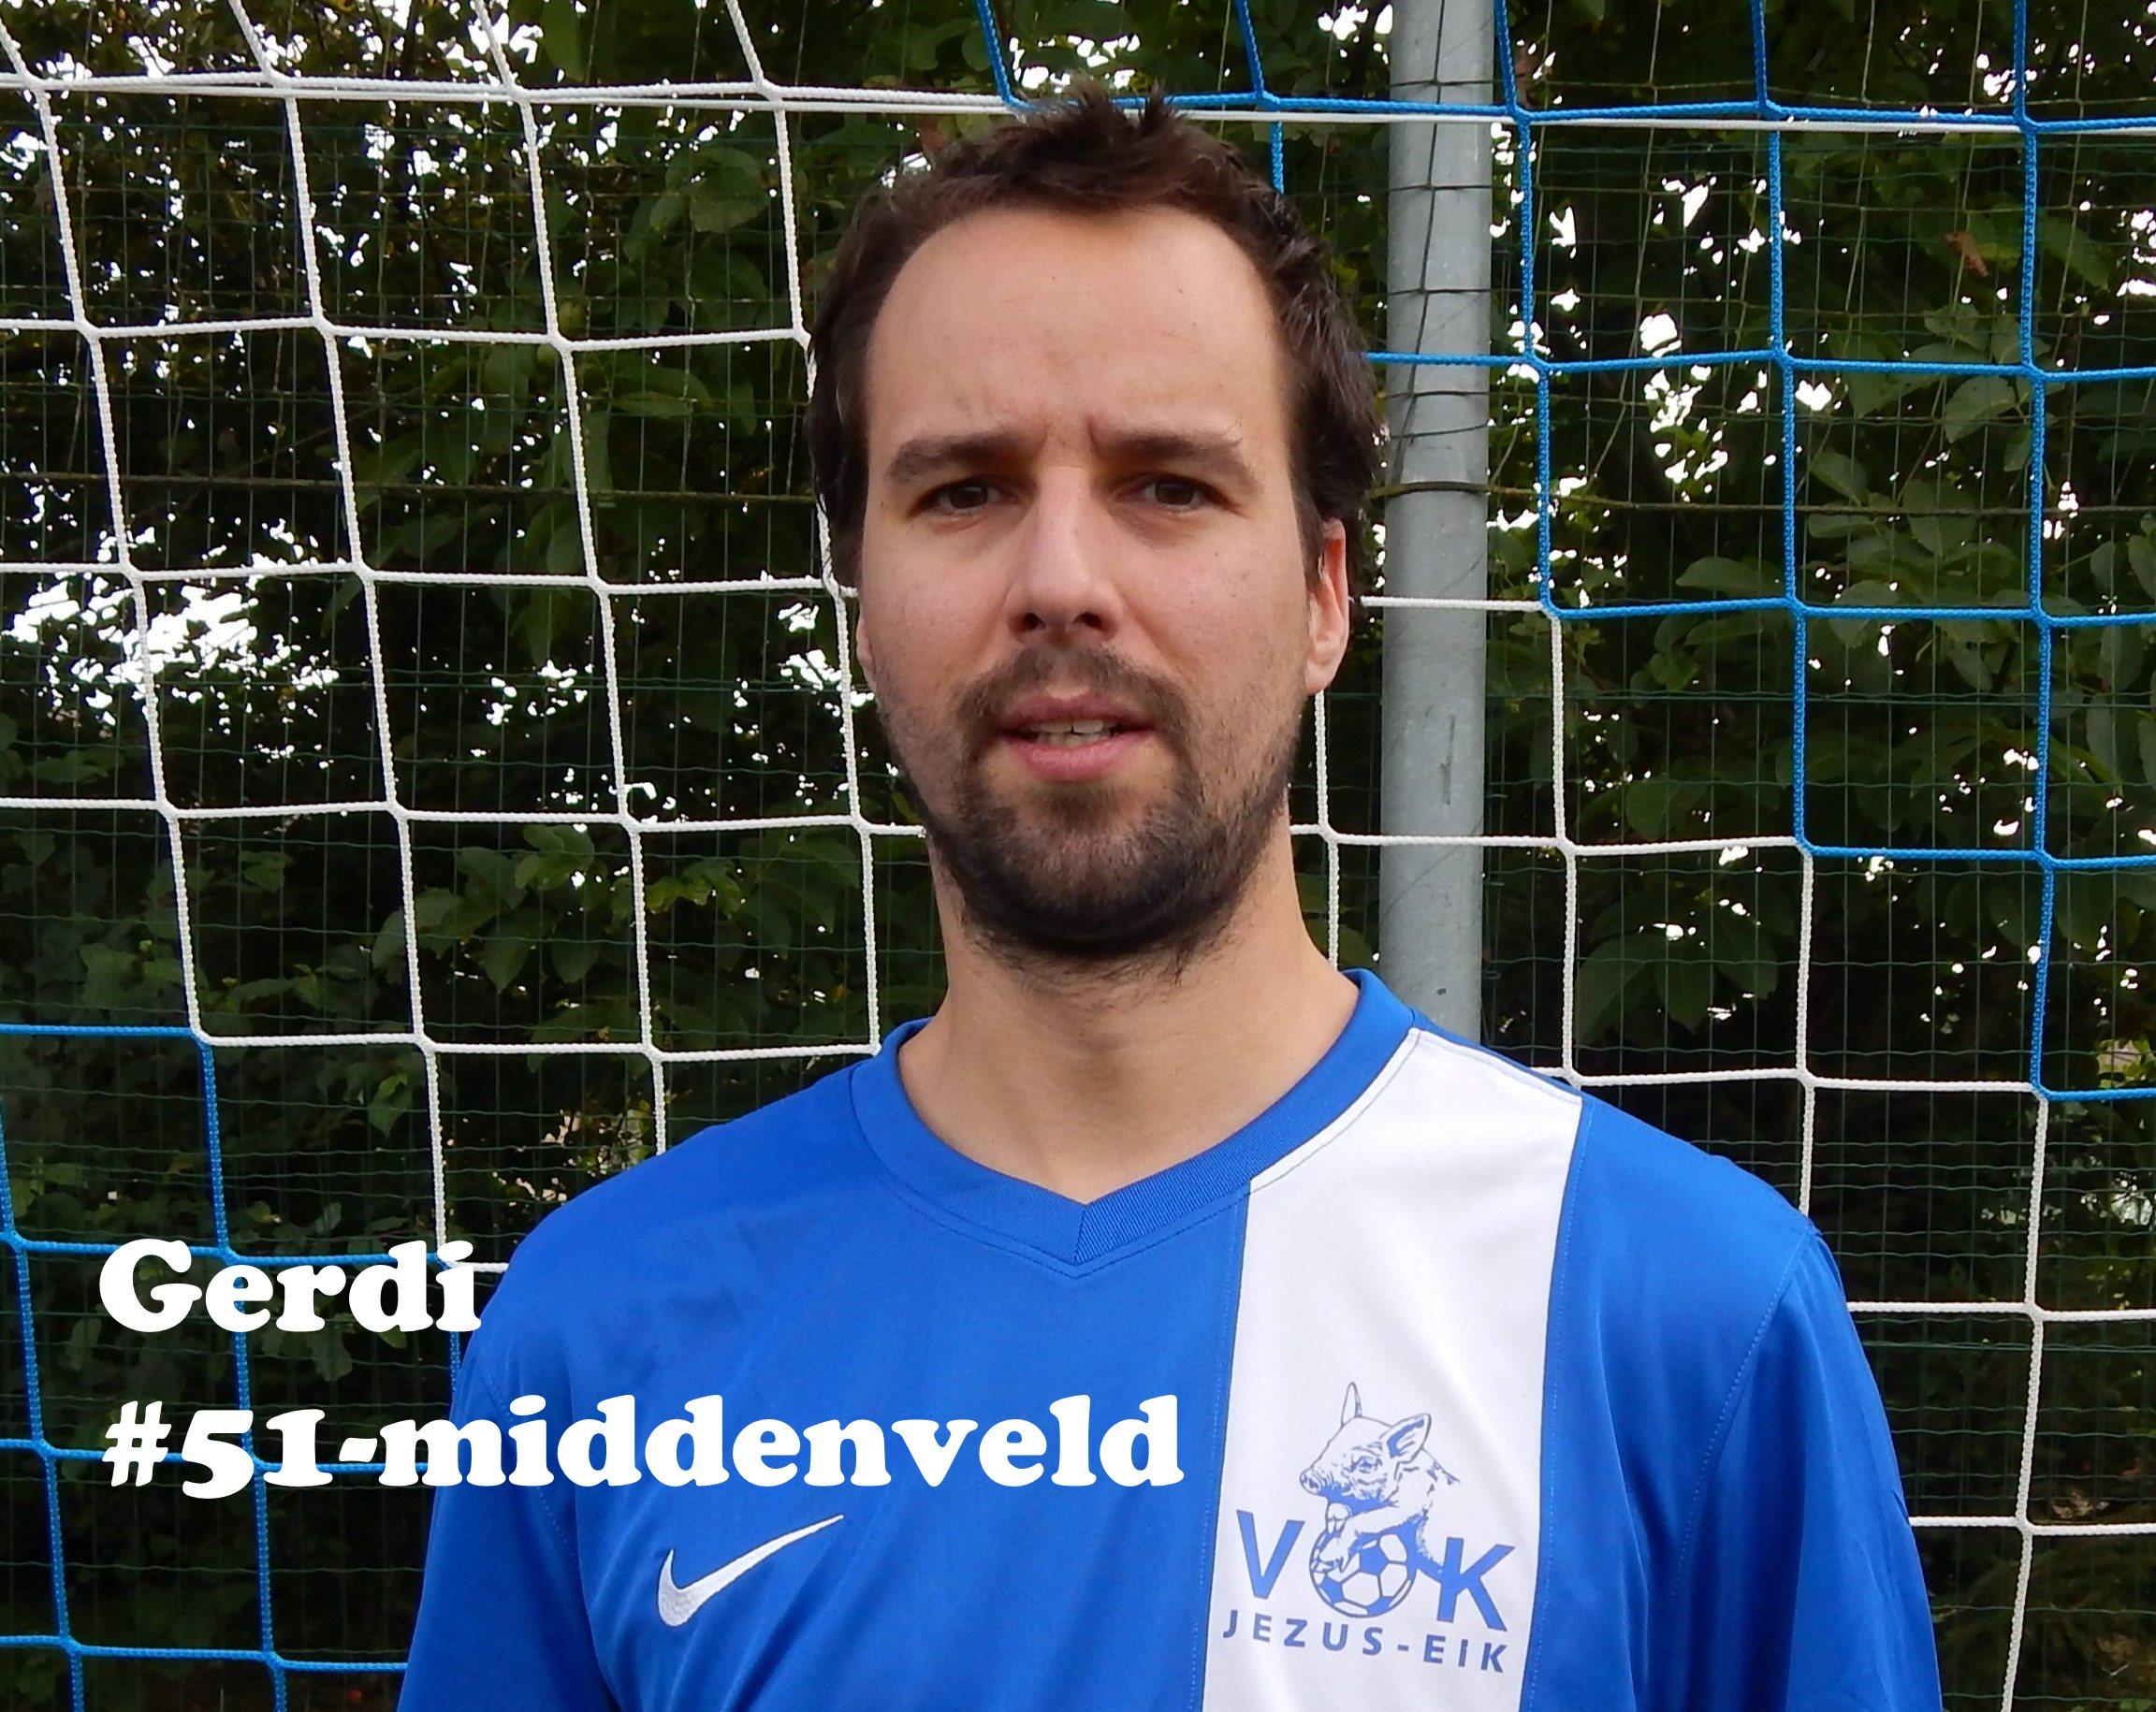 Gerdi - Middenvelder - 51